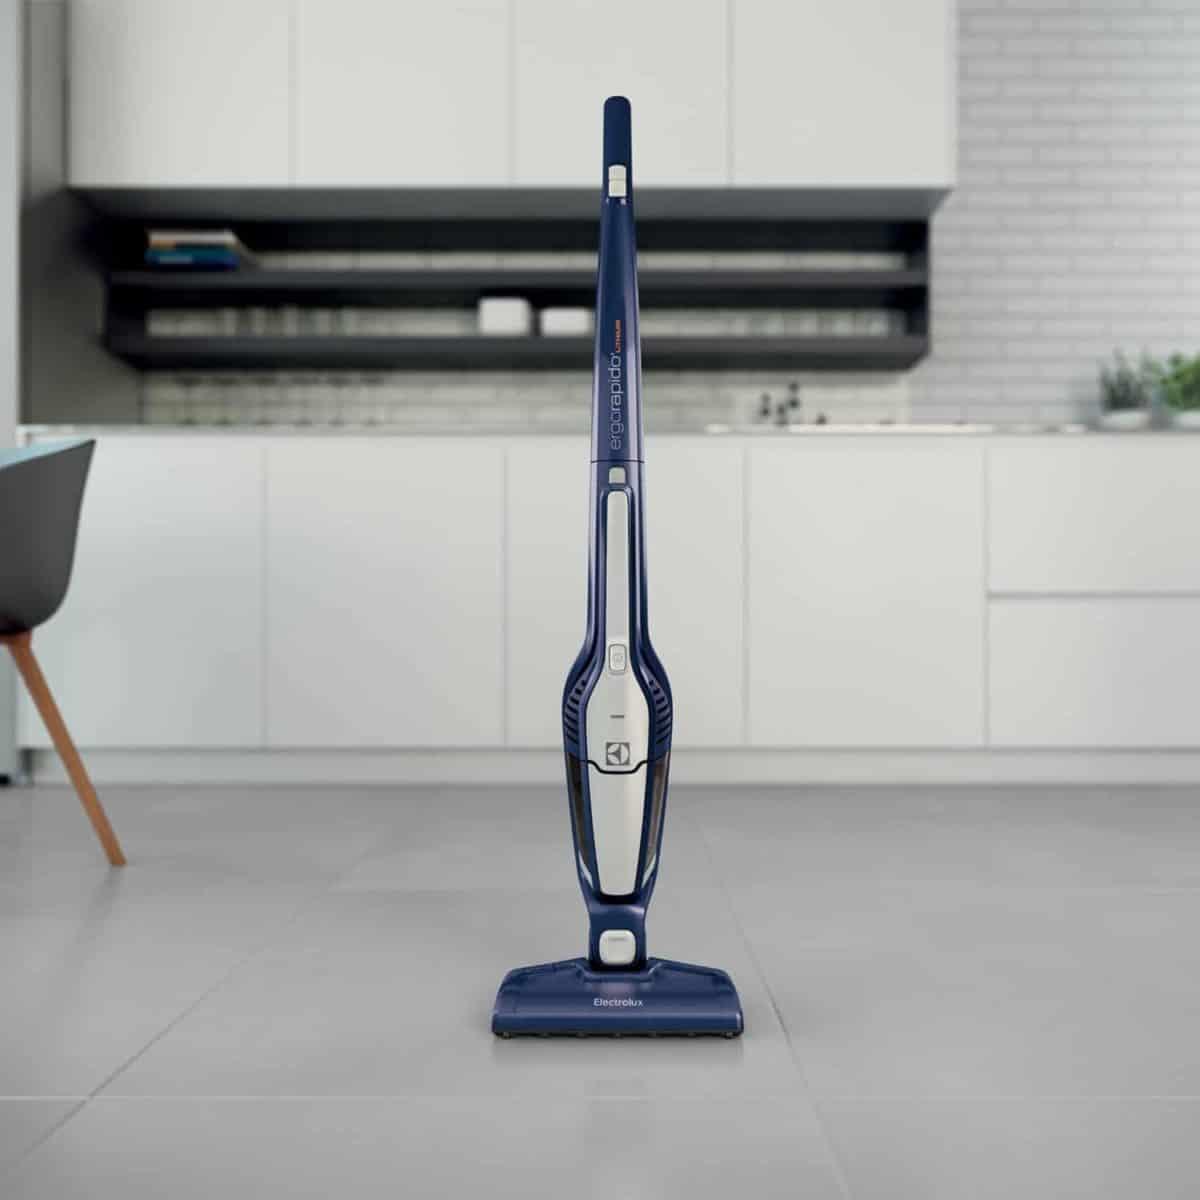 Electrolux Ergorapido 2-in-1 Cordless Stick Vacuum